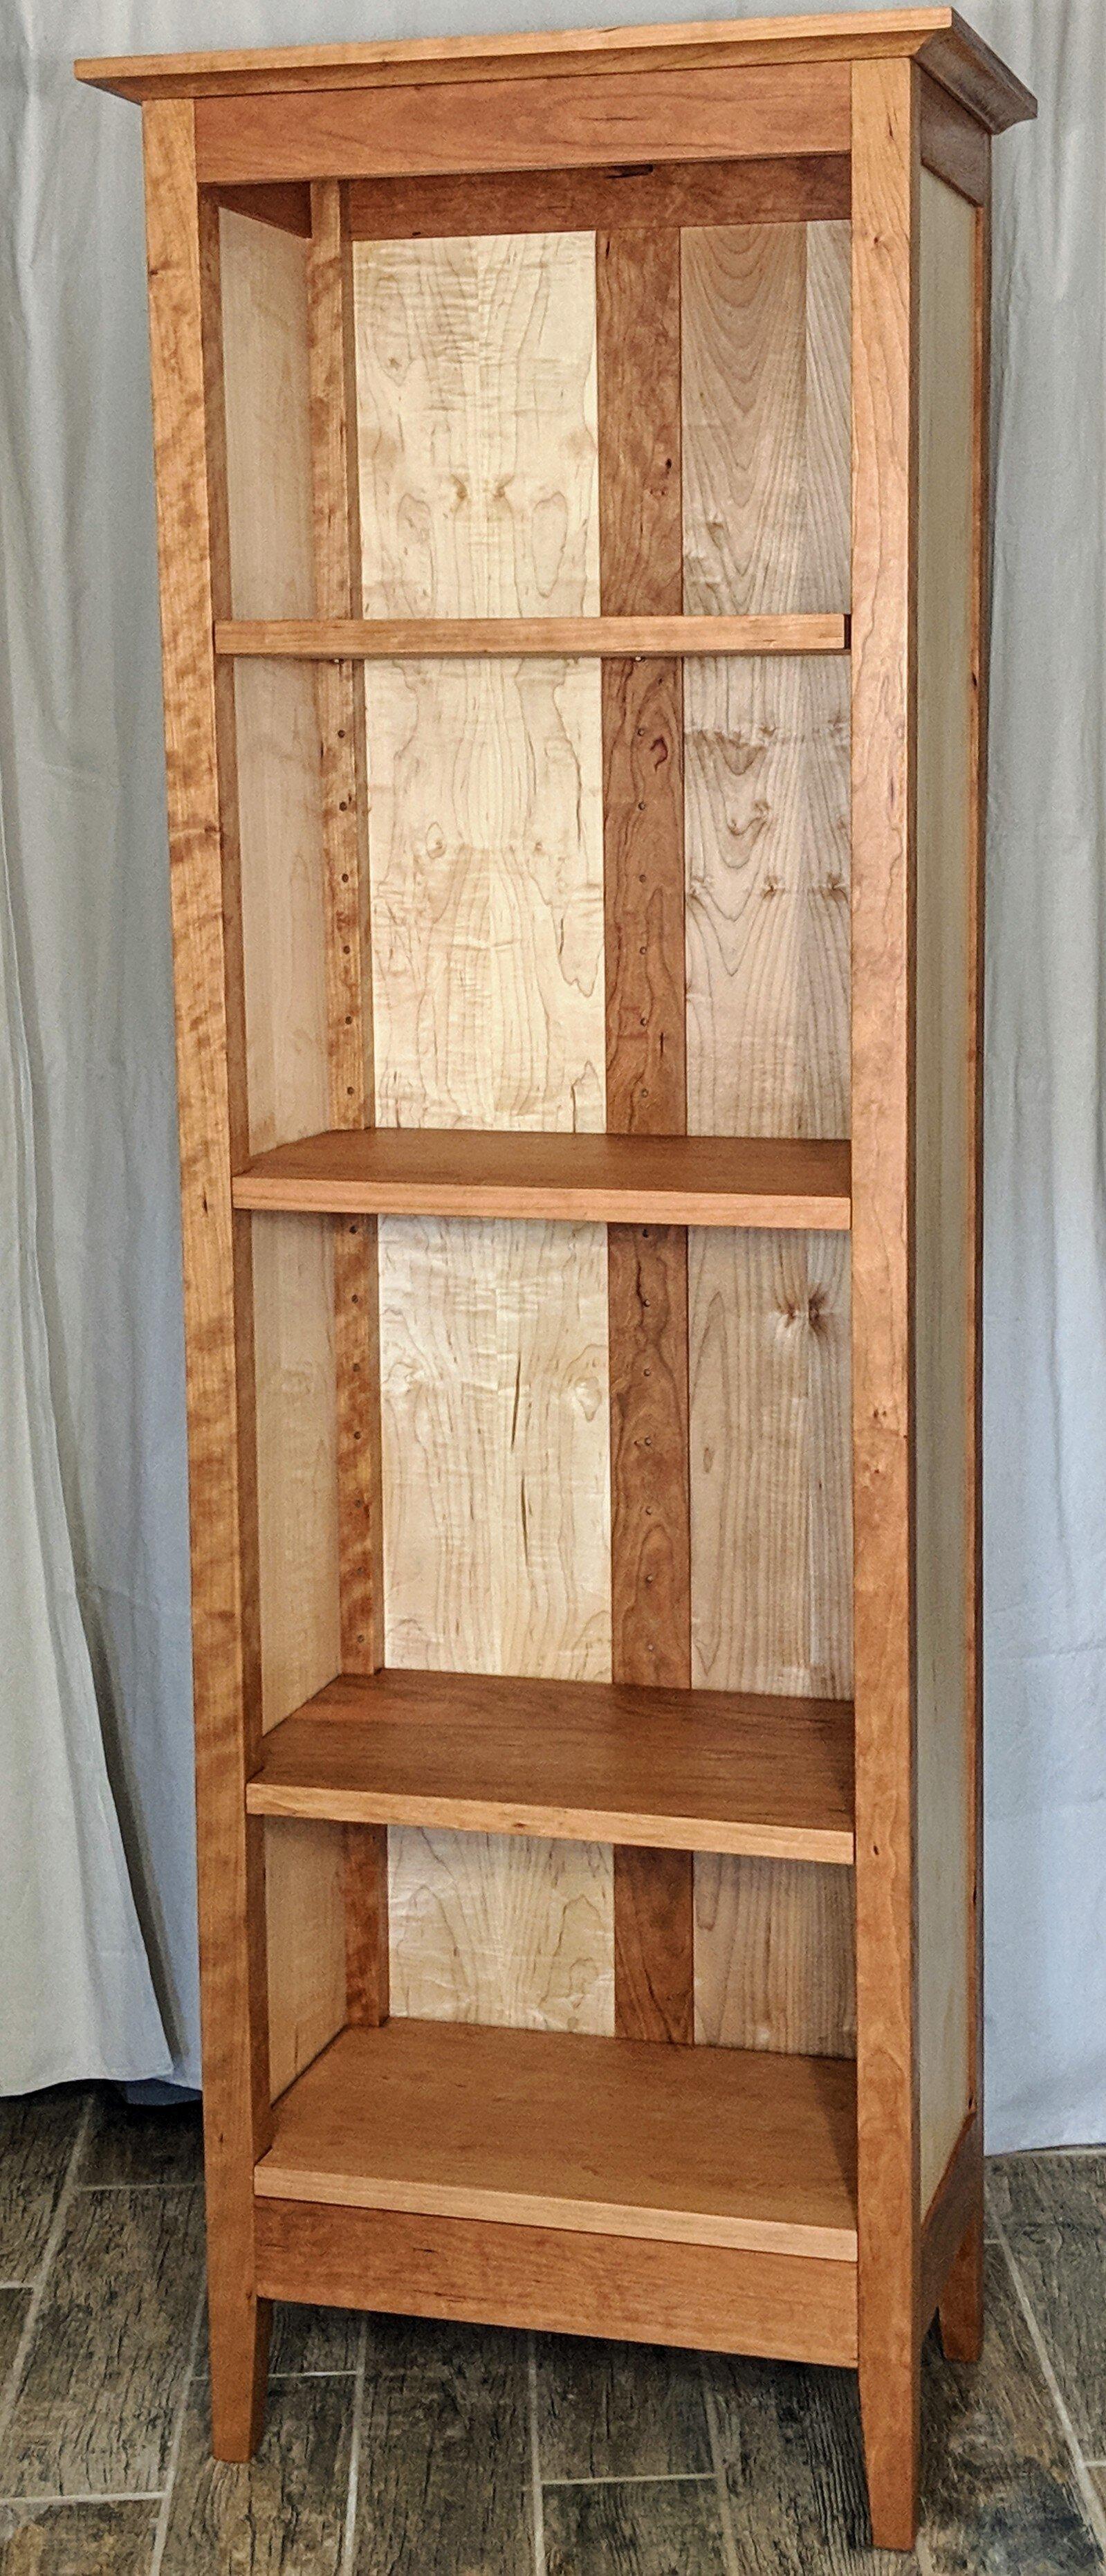 Custom Bookshelf Build Vanvleet Woodworking